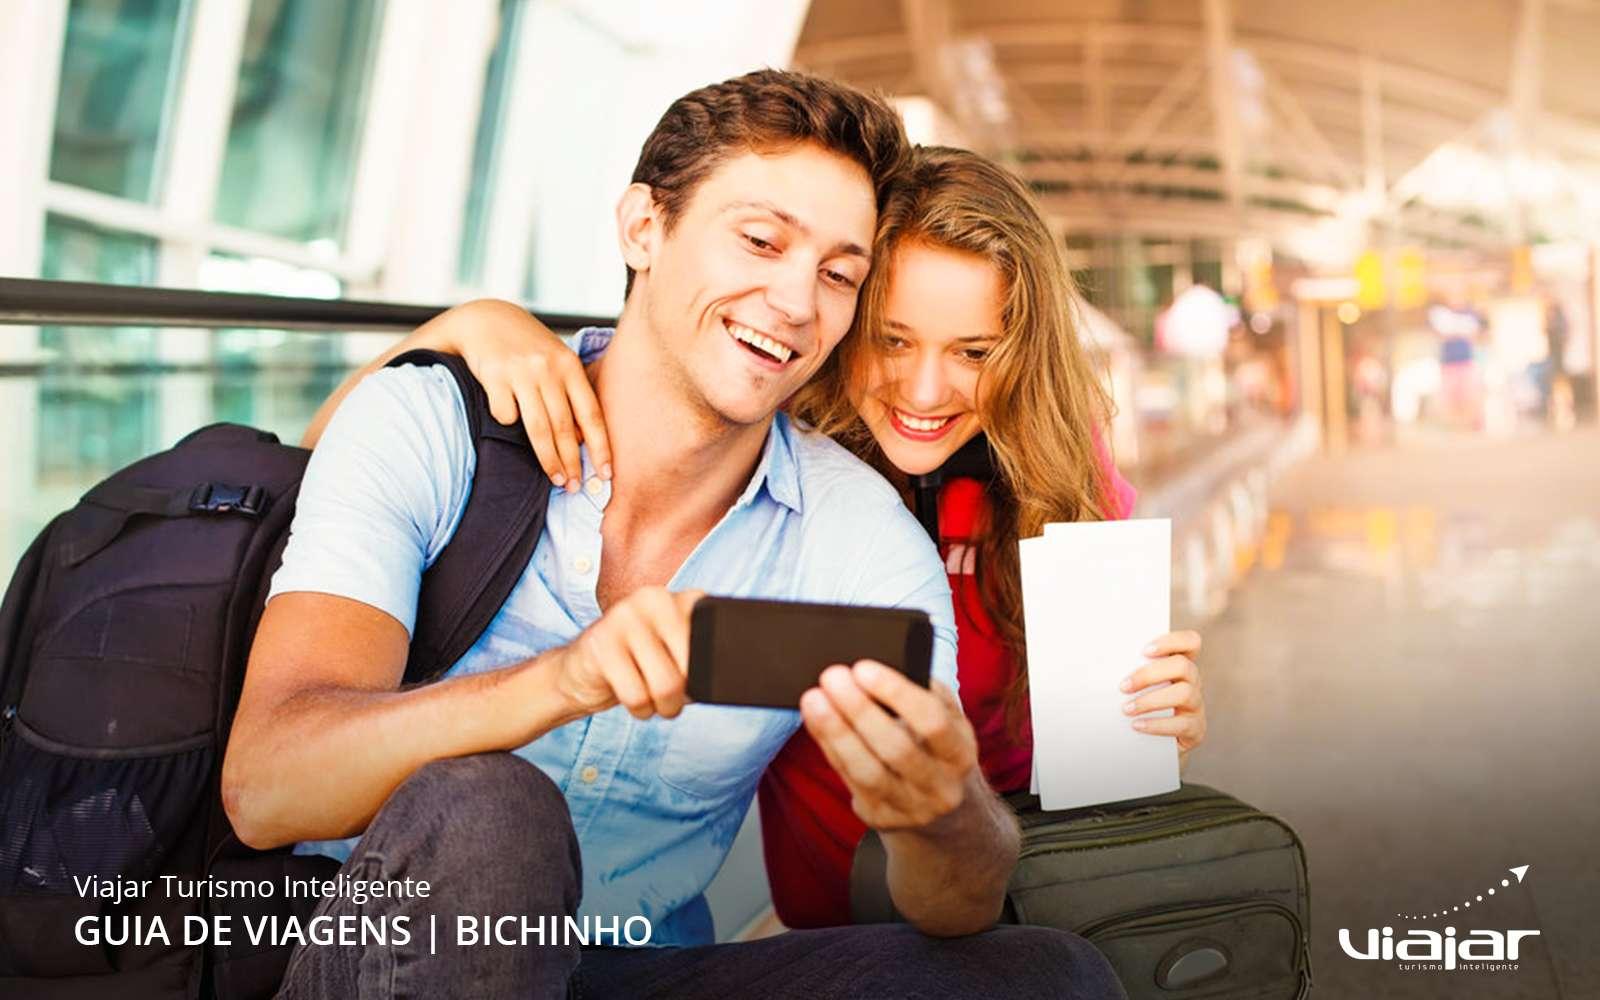 viajar-turismo-inteligente-guia-viagens-bichinho-minas-gerais-01